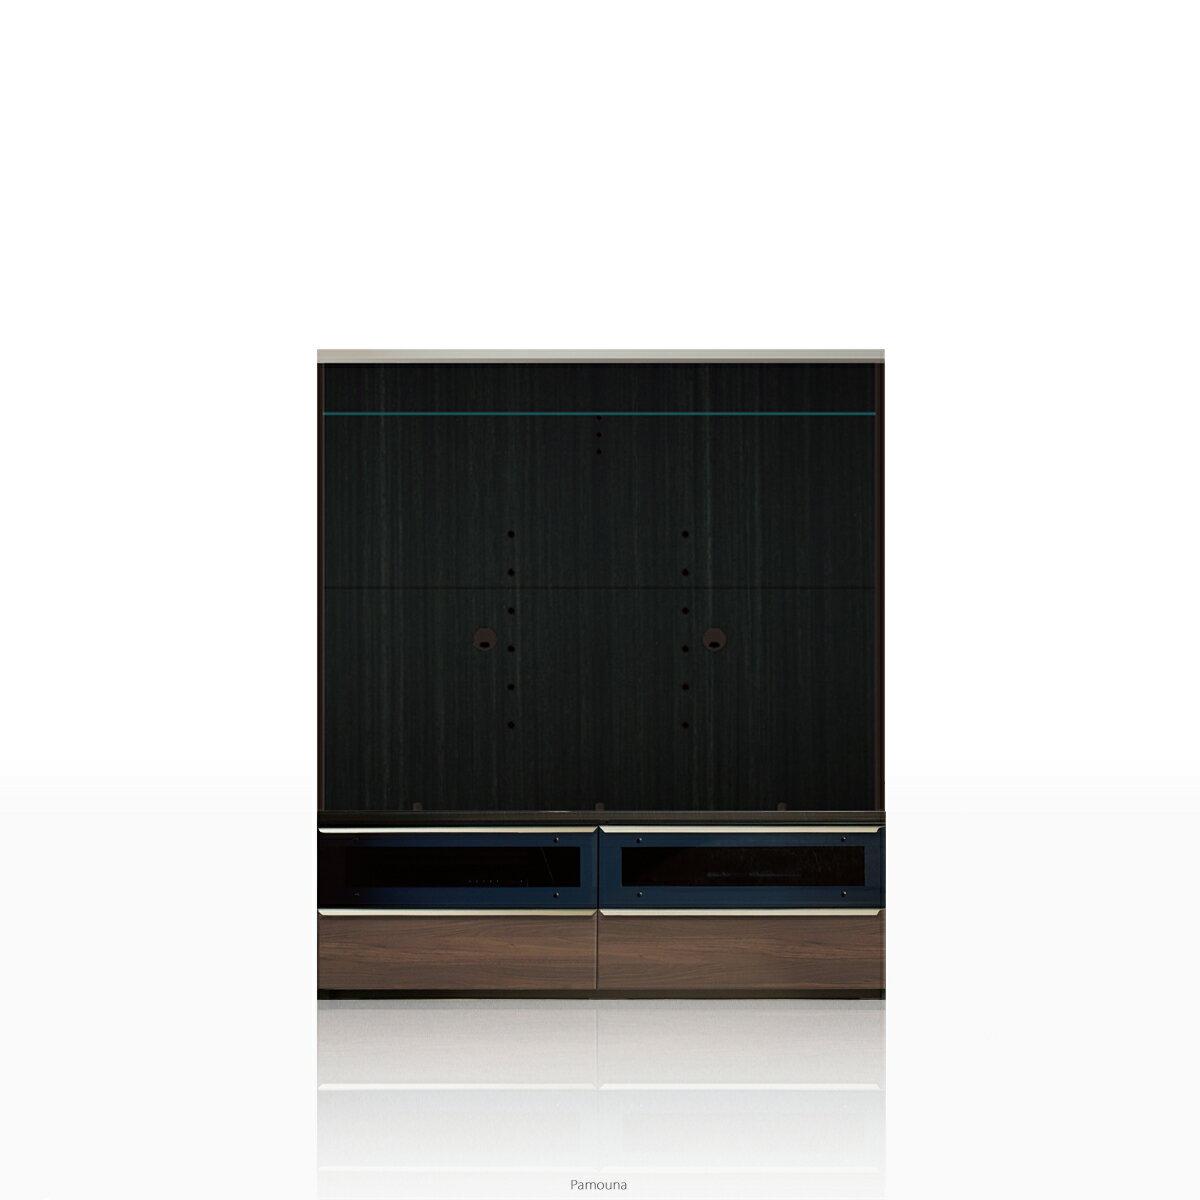 パモウナ テレビ台 VWシリーズ VW-1400 テレビ台/テレビボード (幅140cm, ウォールナット)【この商品は配送地域限定[本州、四国、九州]】【同梱不可】【店頭受取対応商品】